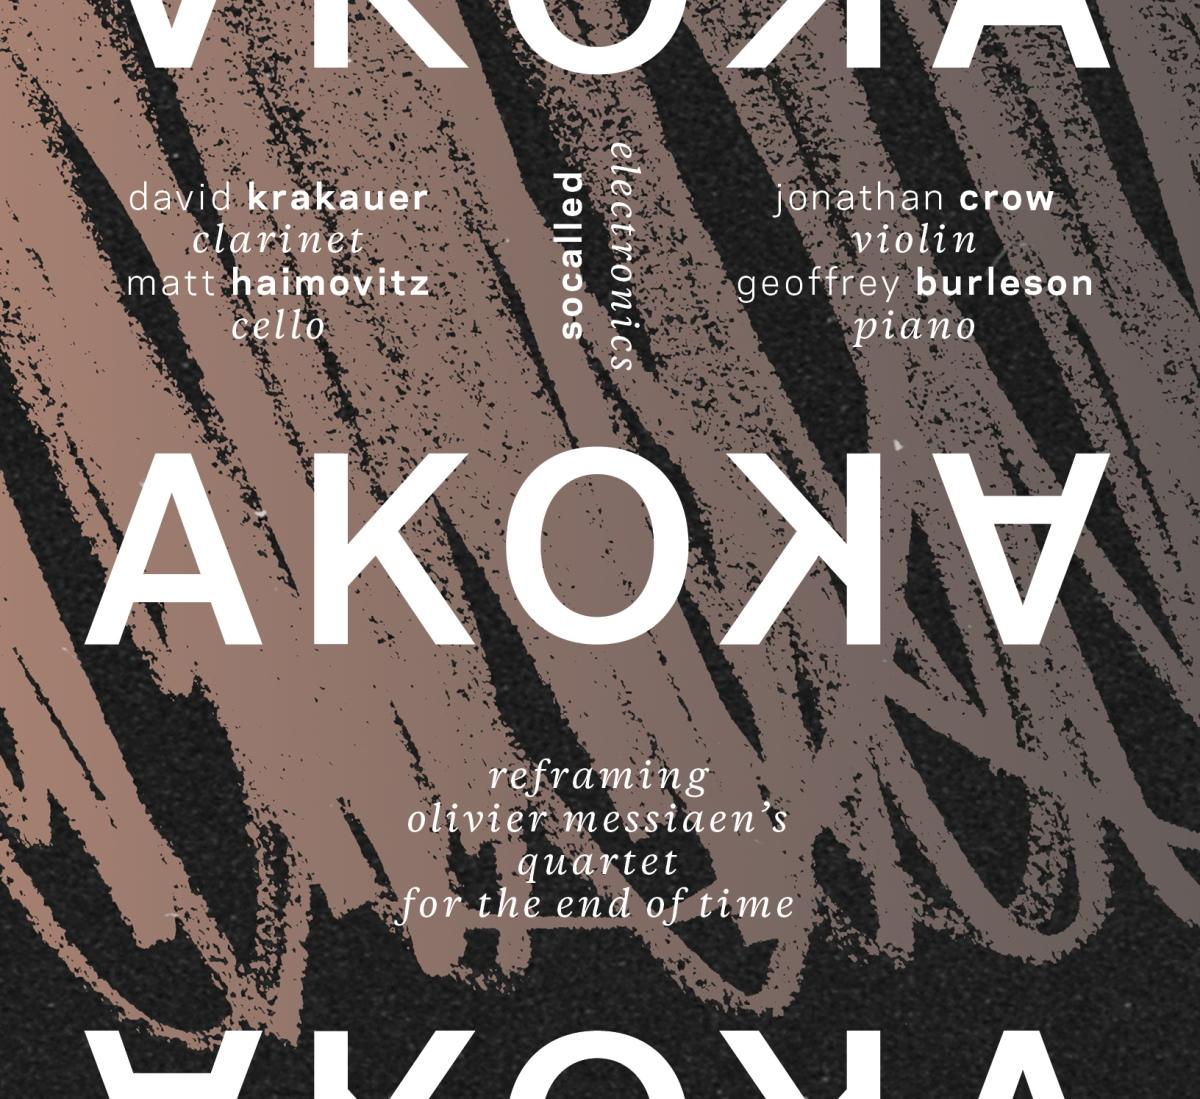 Akoka Reframing Olivier Messiaen S Quartet For The End Of Time